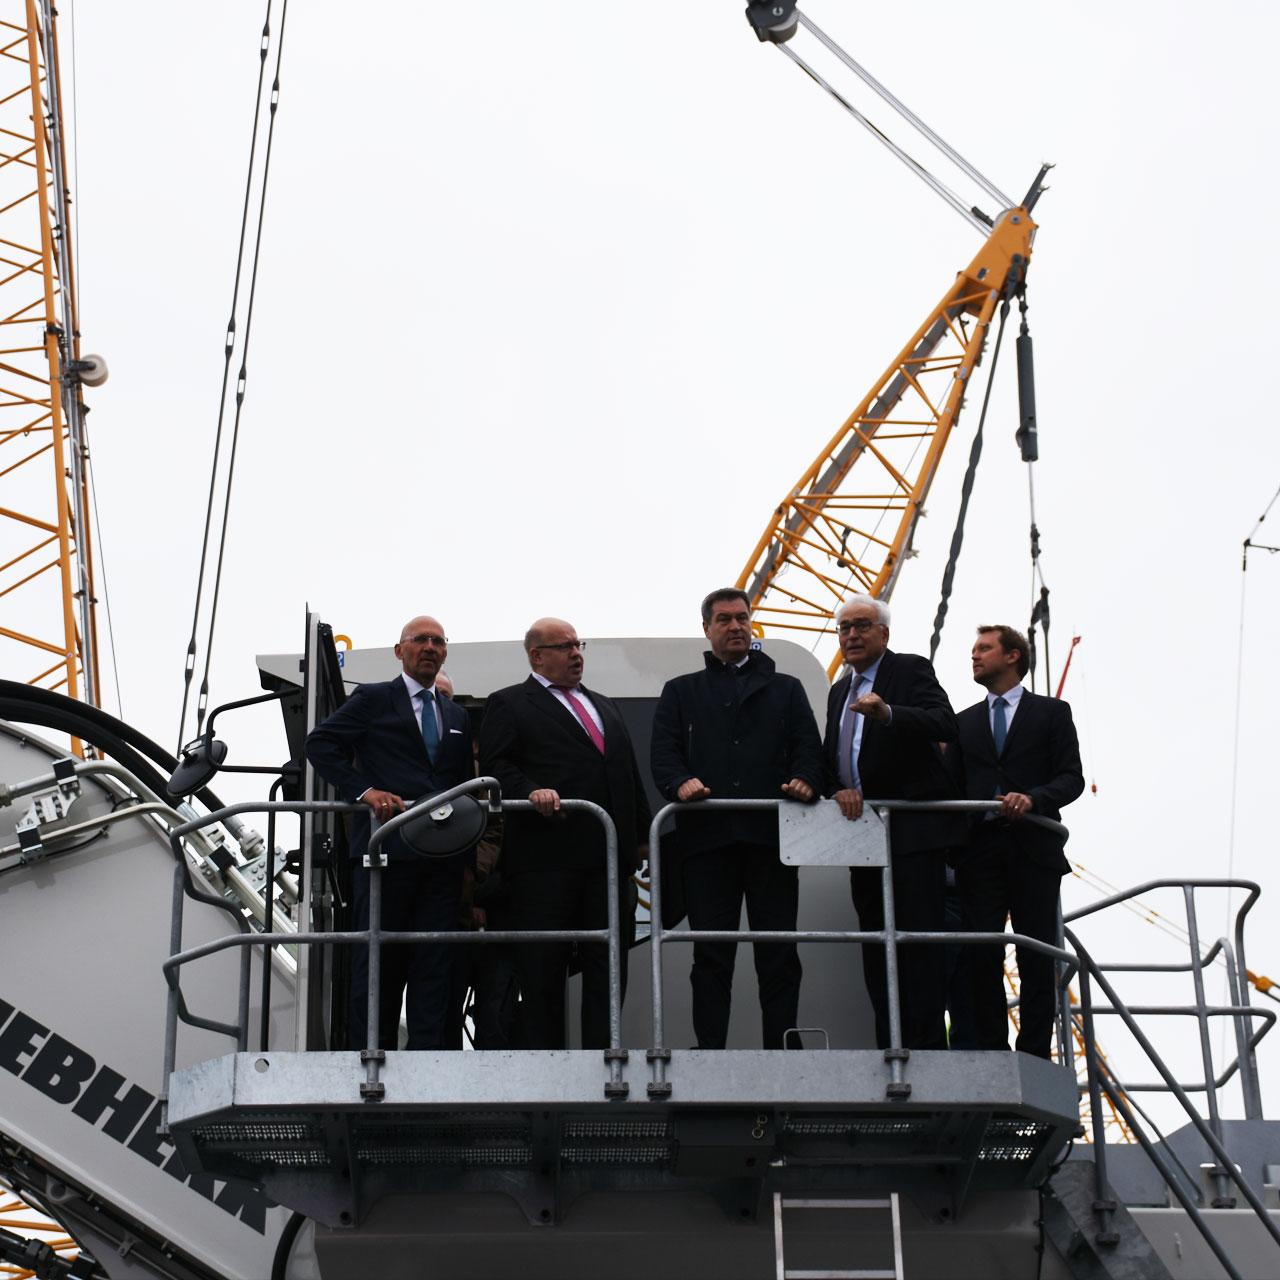 bauma 2019 Eröffnung: Klaus Dittrich, Peter Altmaier, Markus Söder, Willi Liebherr, Stefan Rummel